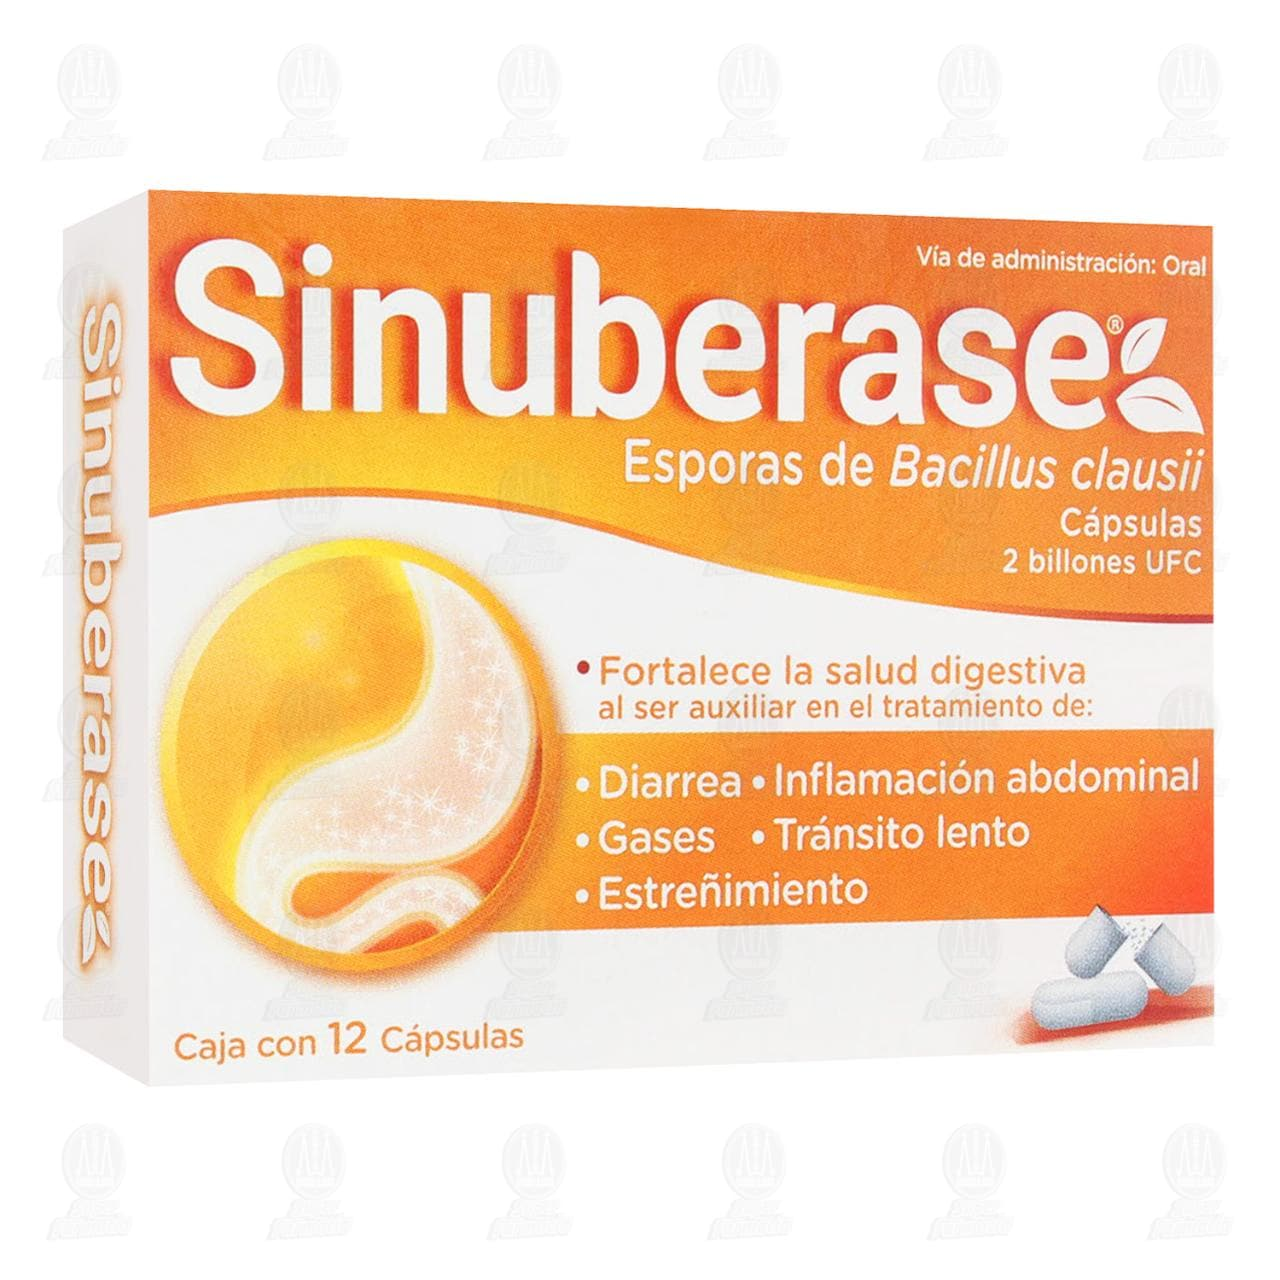 Comprar Sinuberase 12 Cápsulas en Farmacias Guadalajara